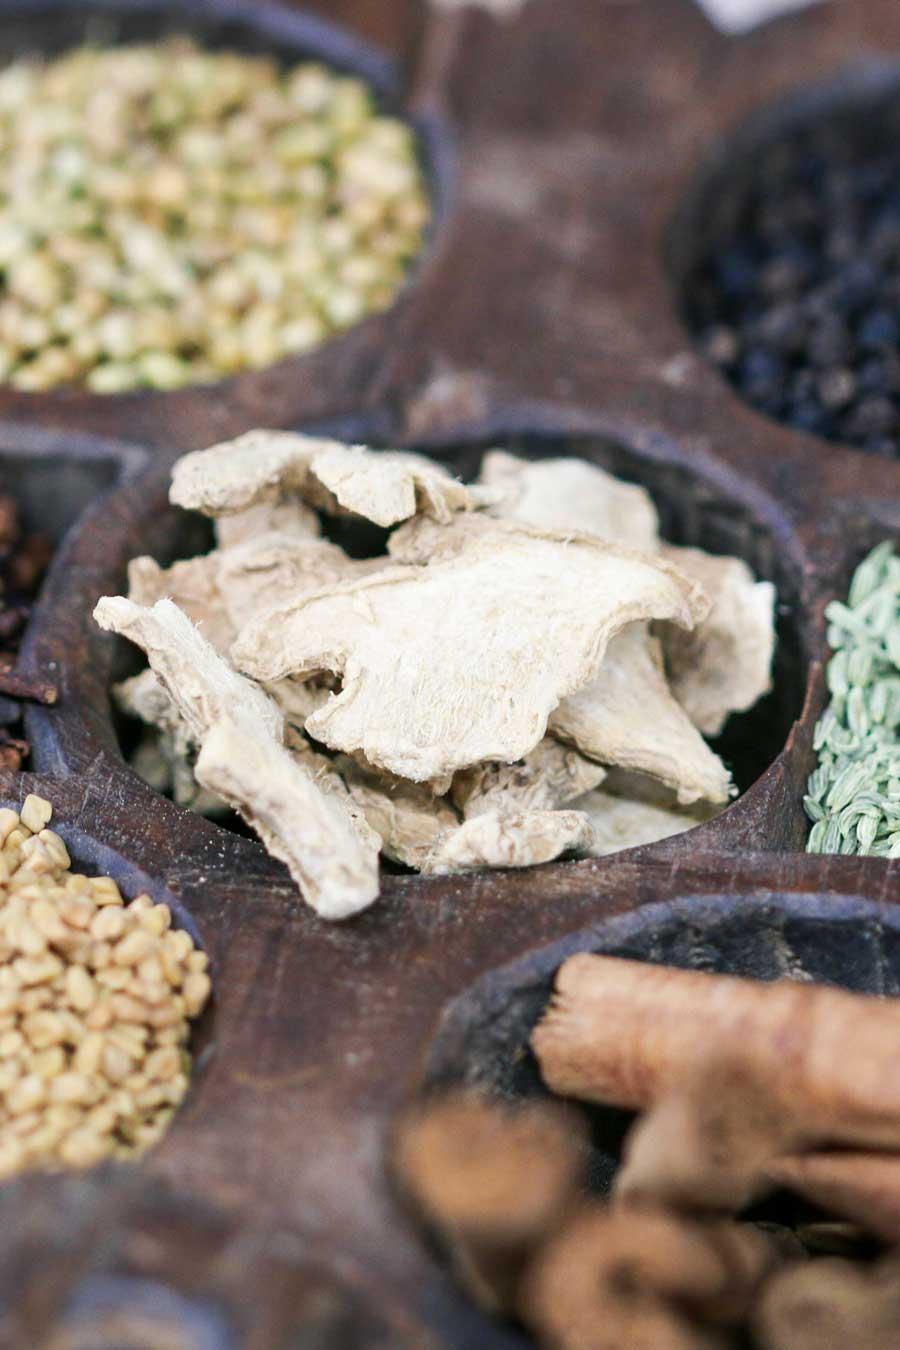 Boîte à épices ancienne contenant des épices sèches servant à composer notre mélange garam masala biologique